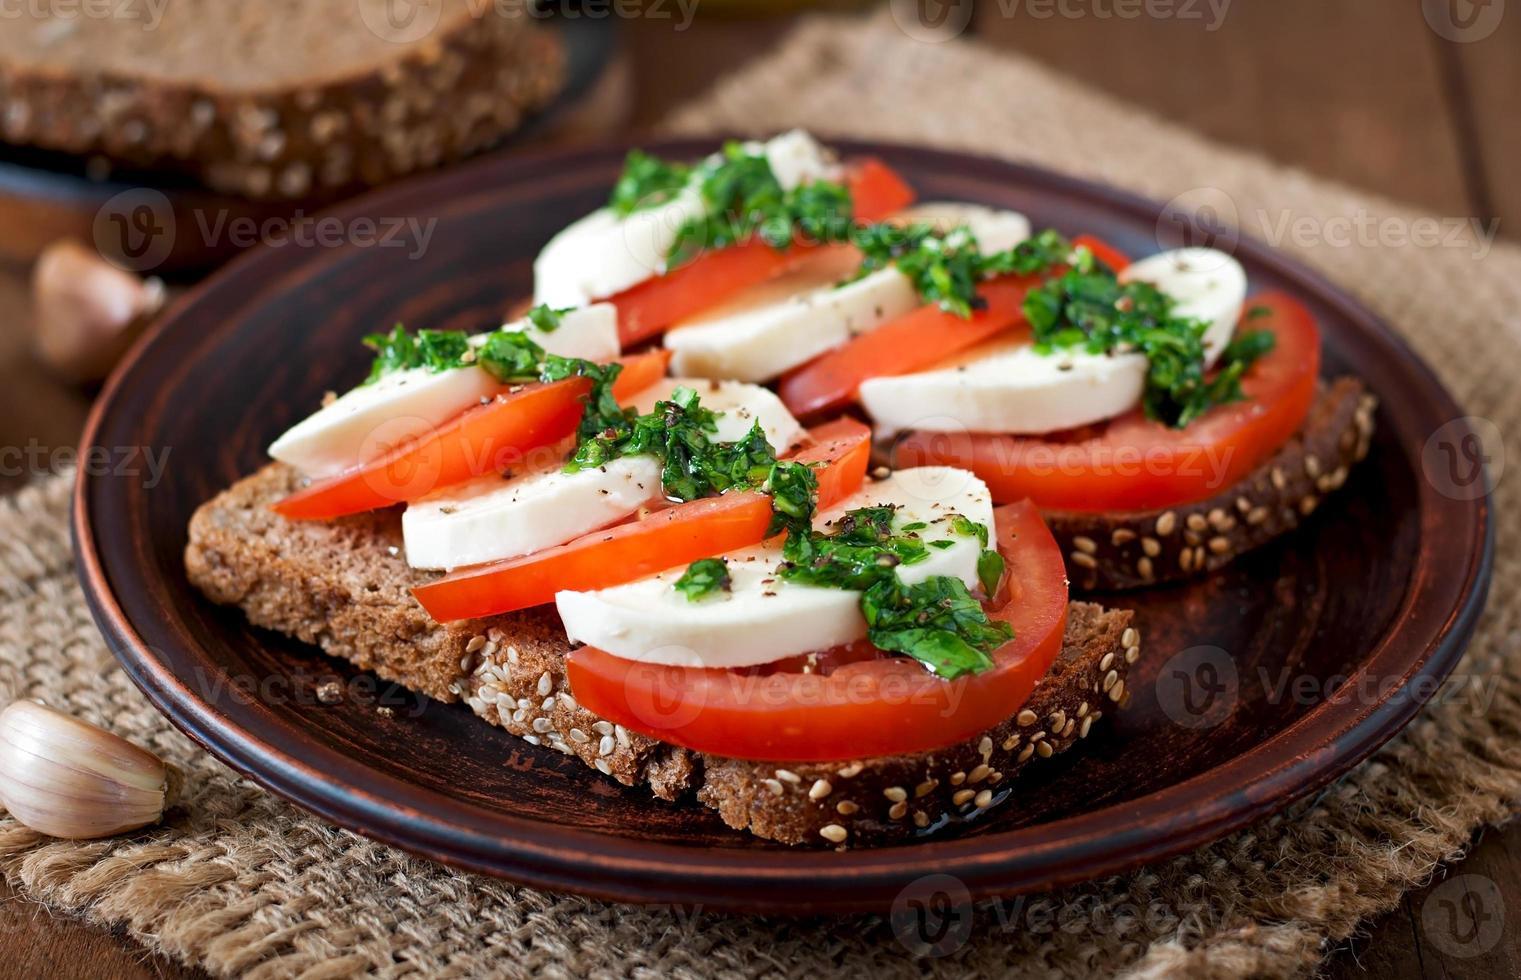 nützliche Diät-Sandwiches mit Mozzarella, Tomaten und Roggenbrot foto